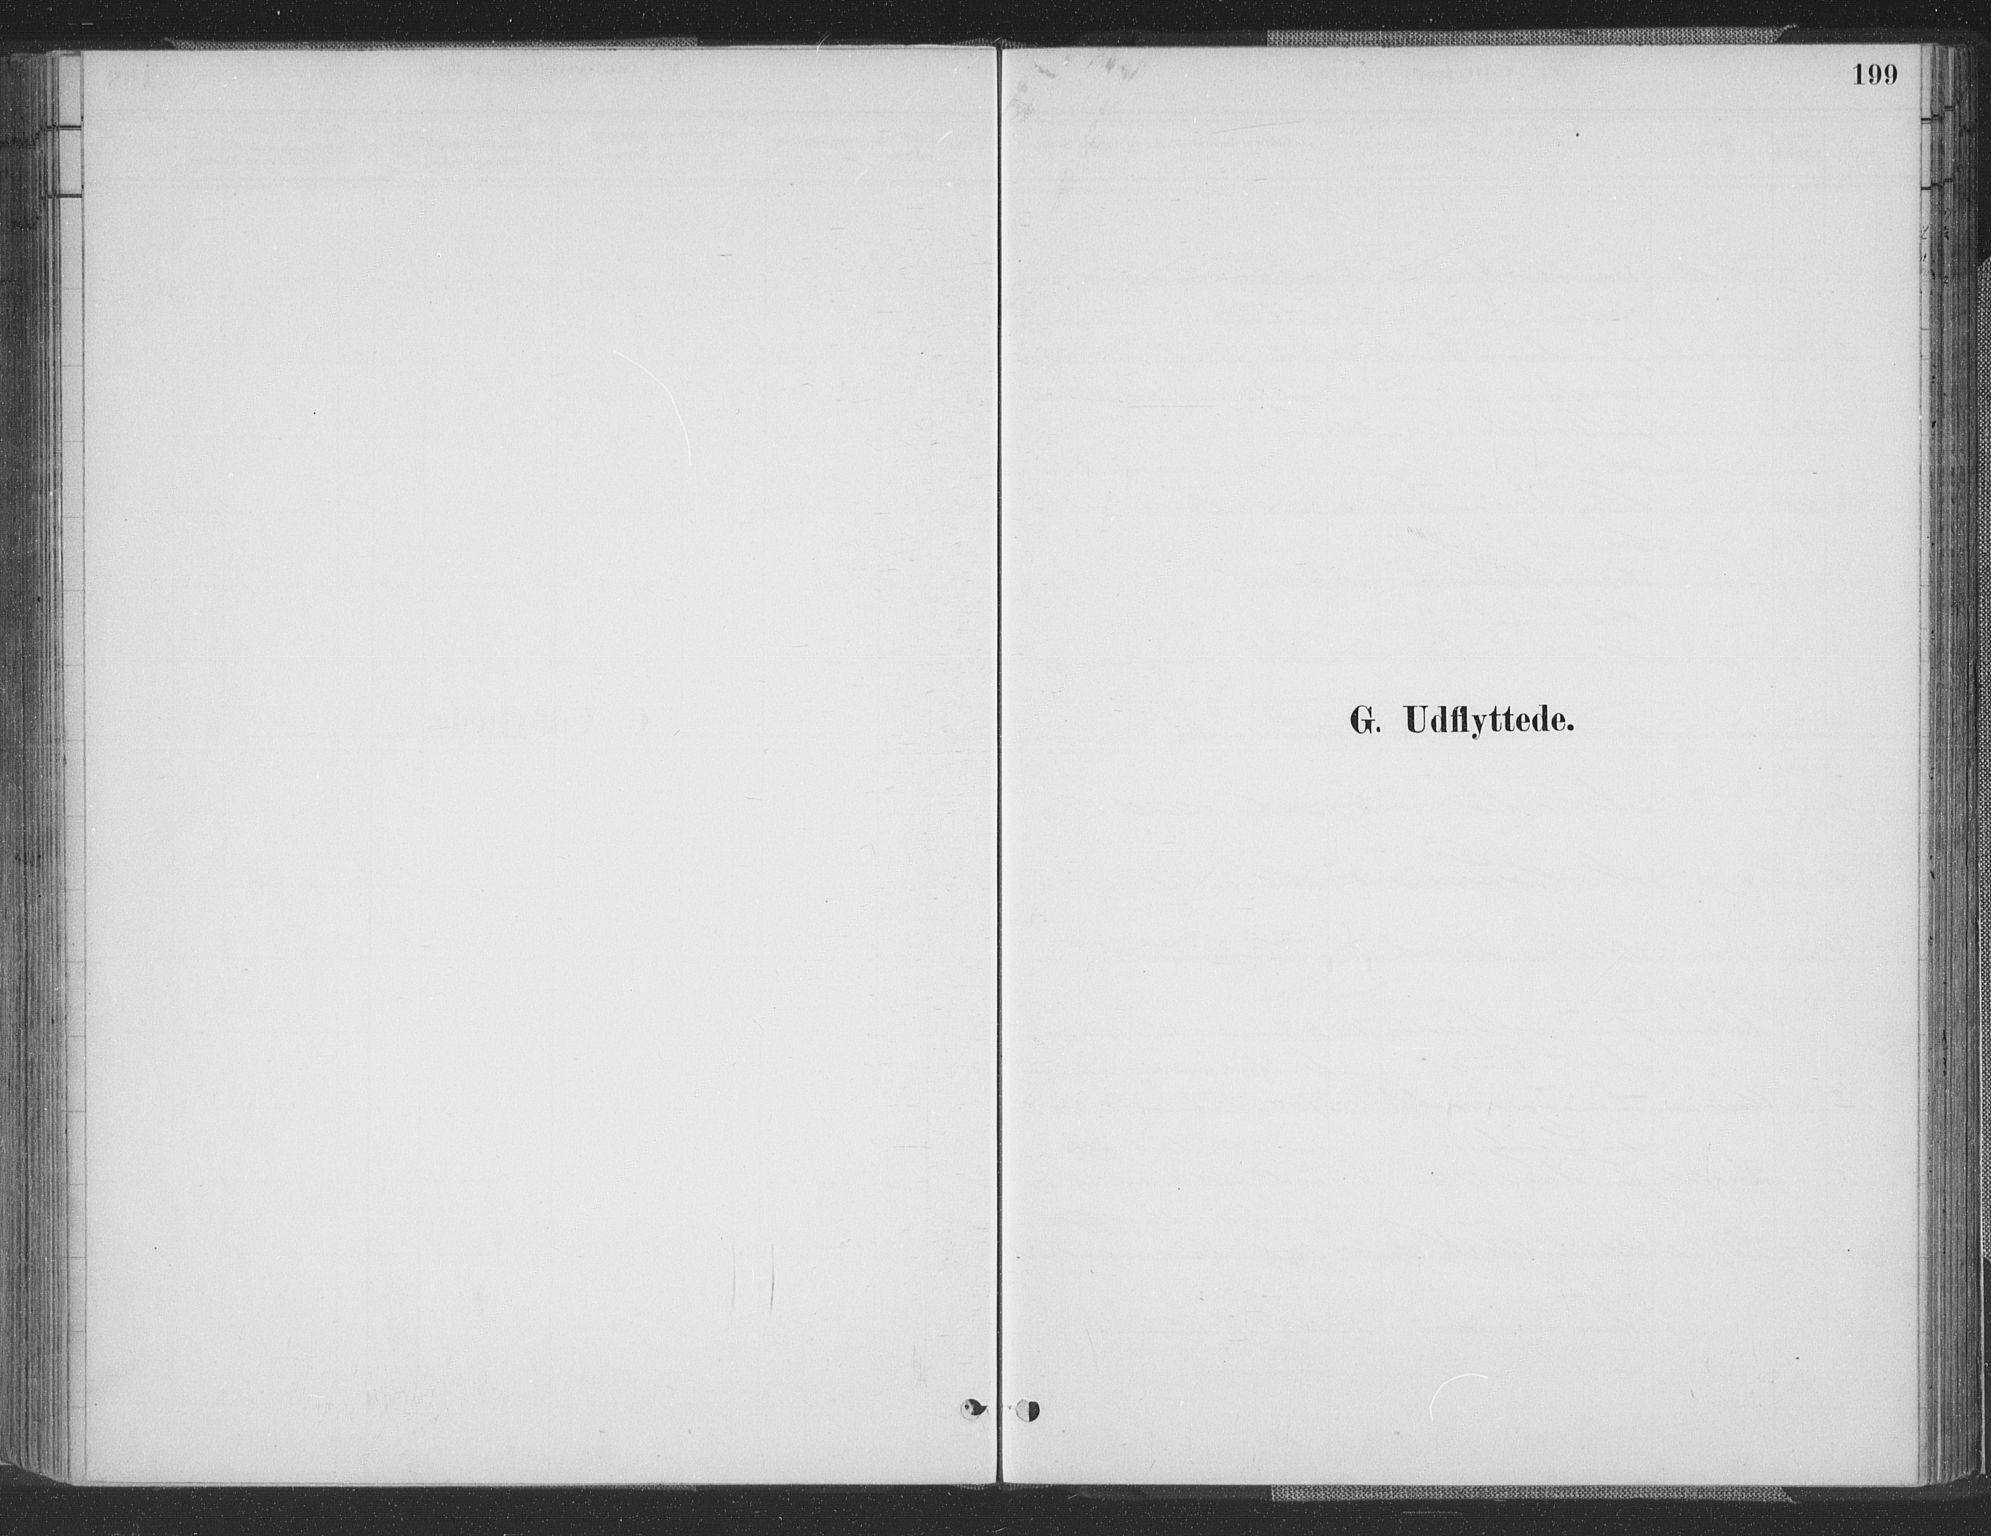 SAK, Grimstad sokneprestkontor, F/Fa/L0004: Parish register (official) no. A 3, 1882-1910, p. 199